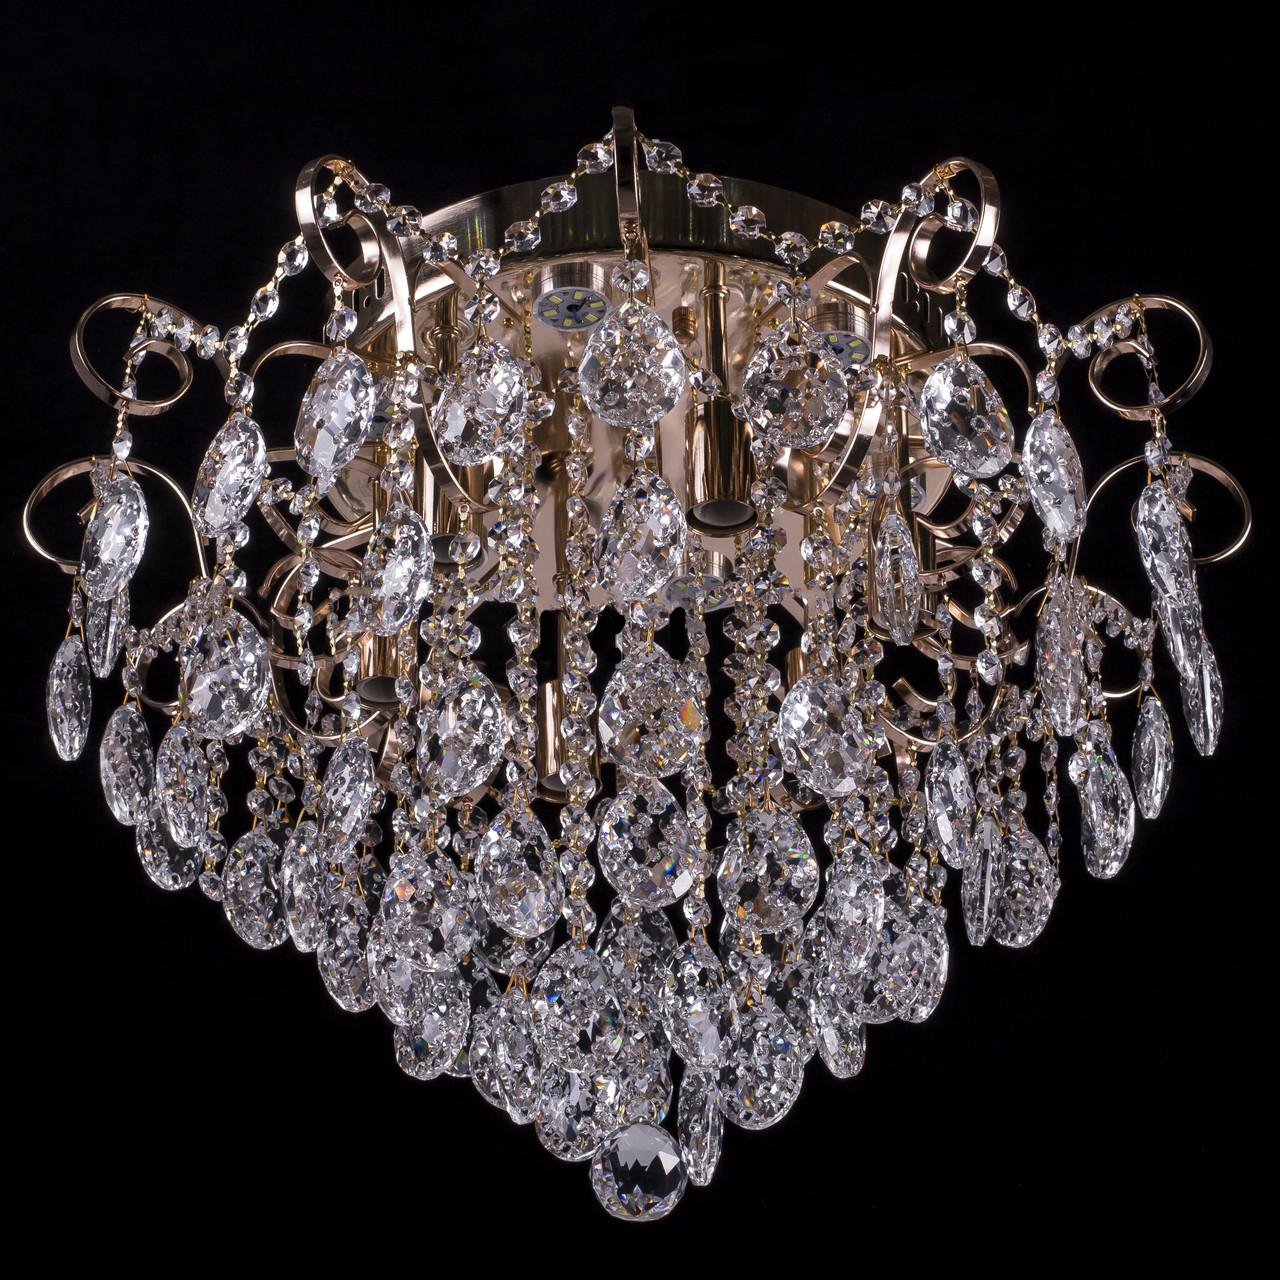 Кришталева люстра, класична з LED підсвічуванням на 6 лампочок (золото). P5-E1136/6+6/FG